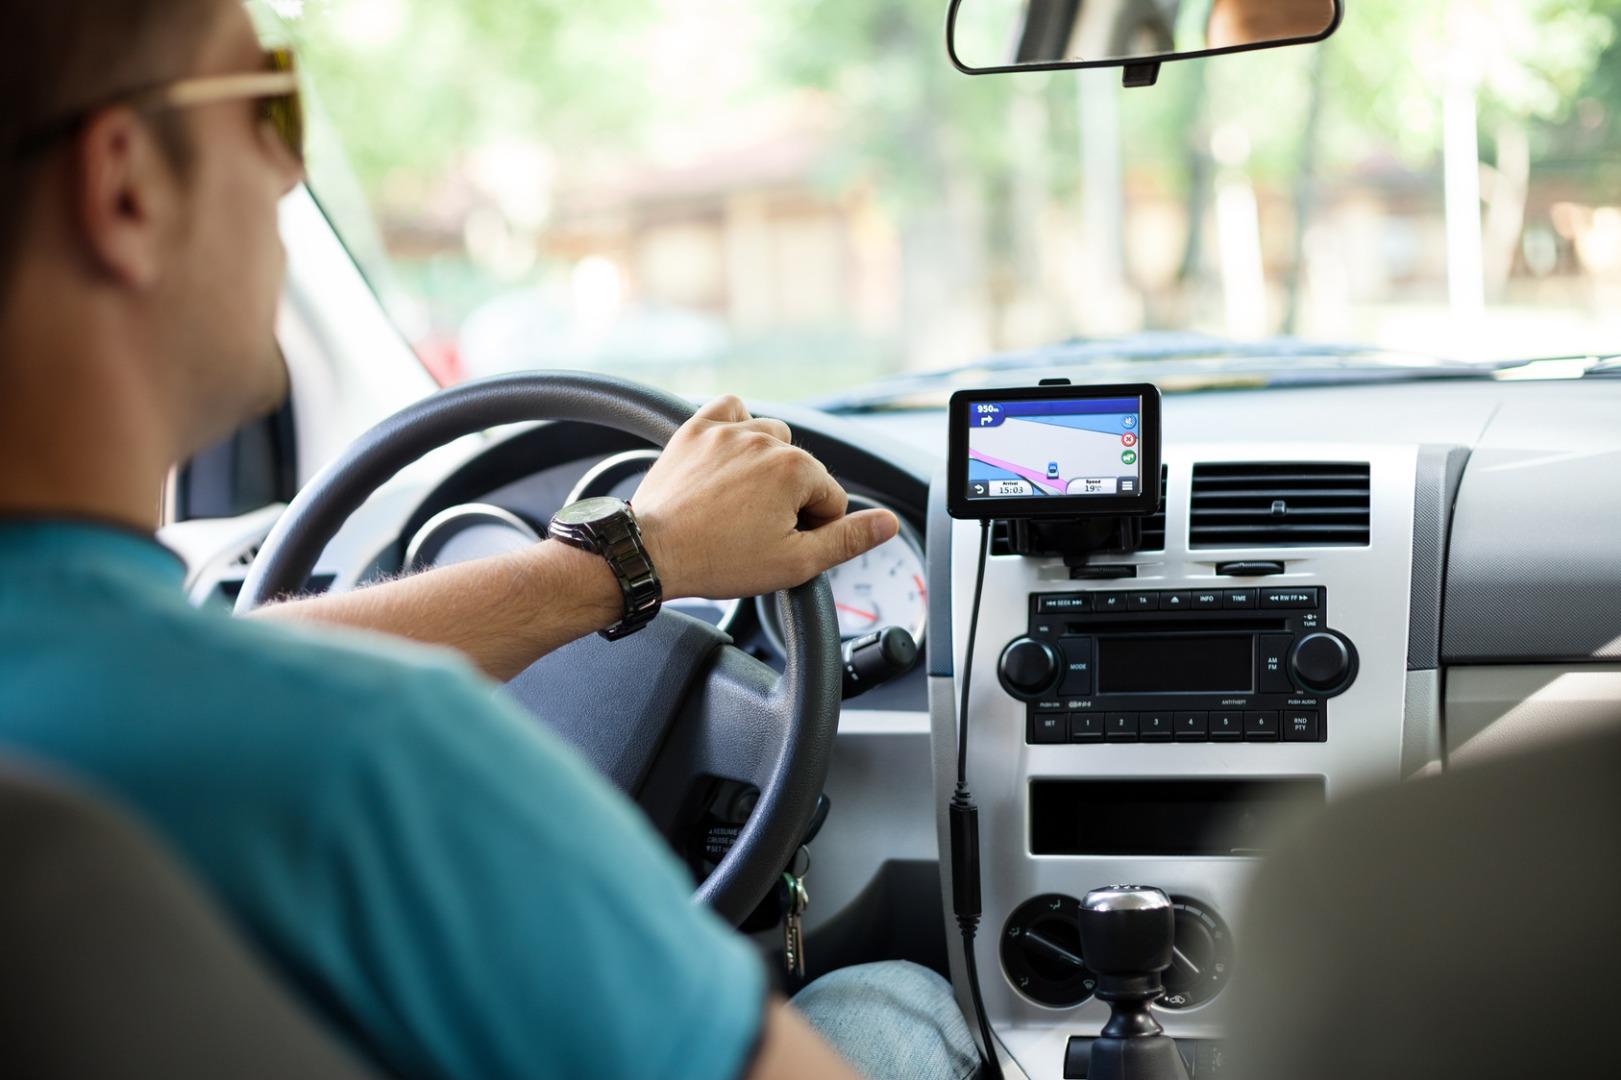 開車族基本知識:十大安全駕駛技巧 三 開車經驗 大紀元汽車網 Auto Epochtimes Com